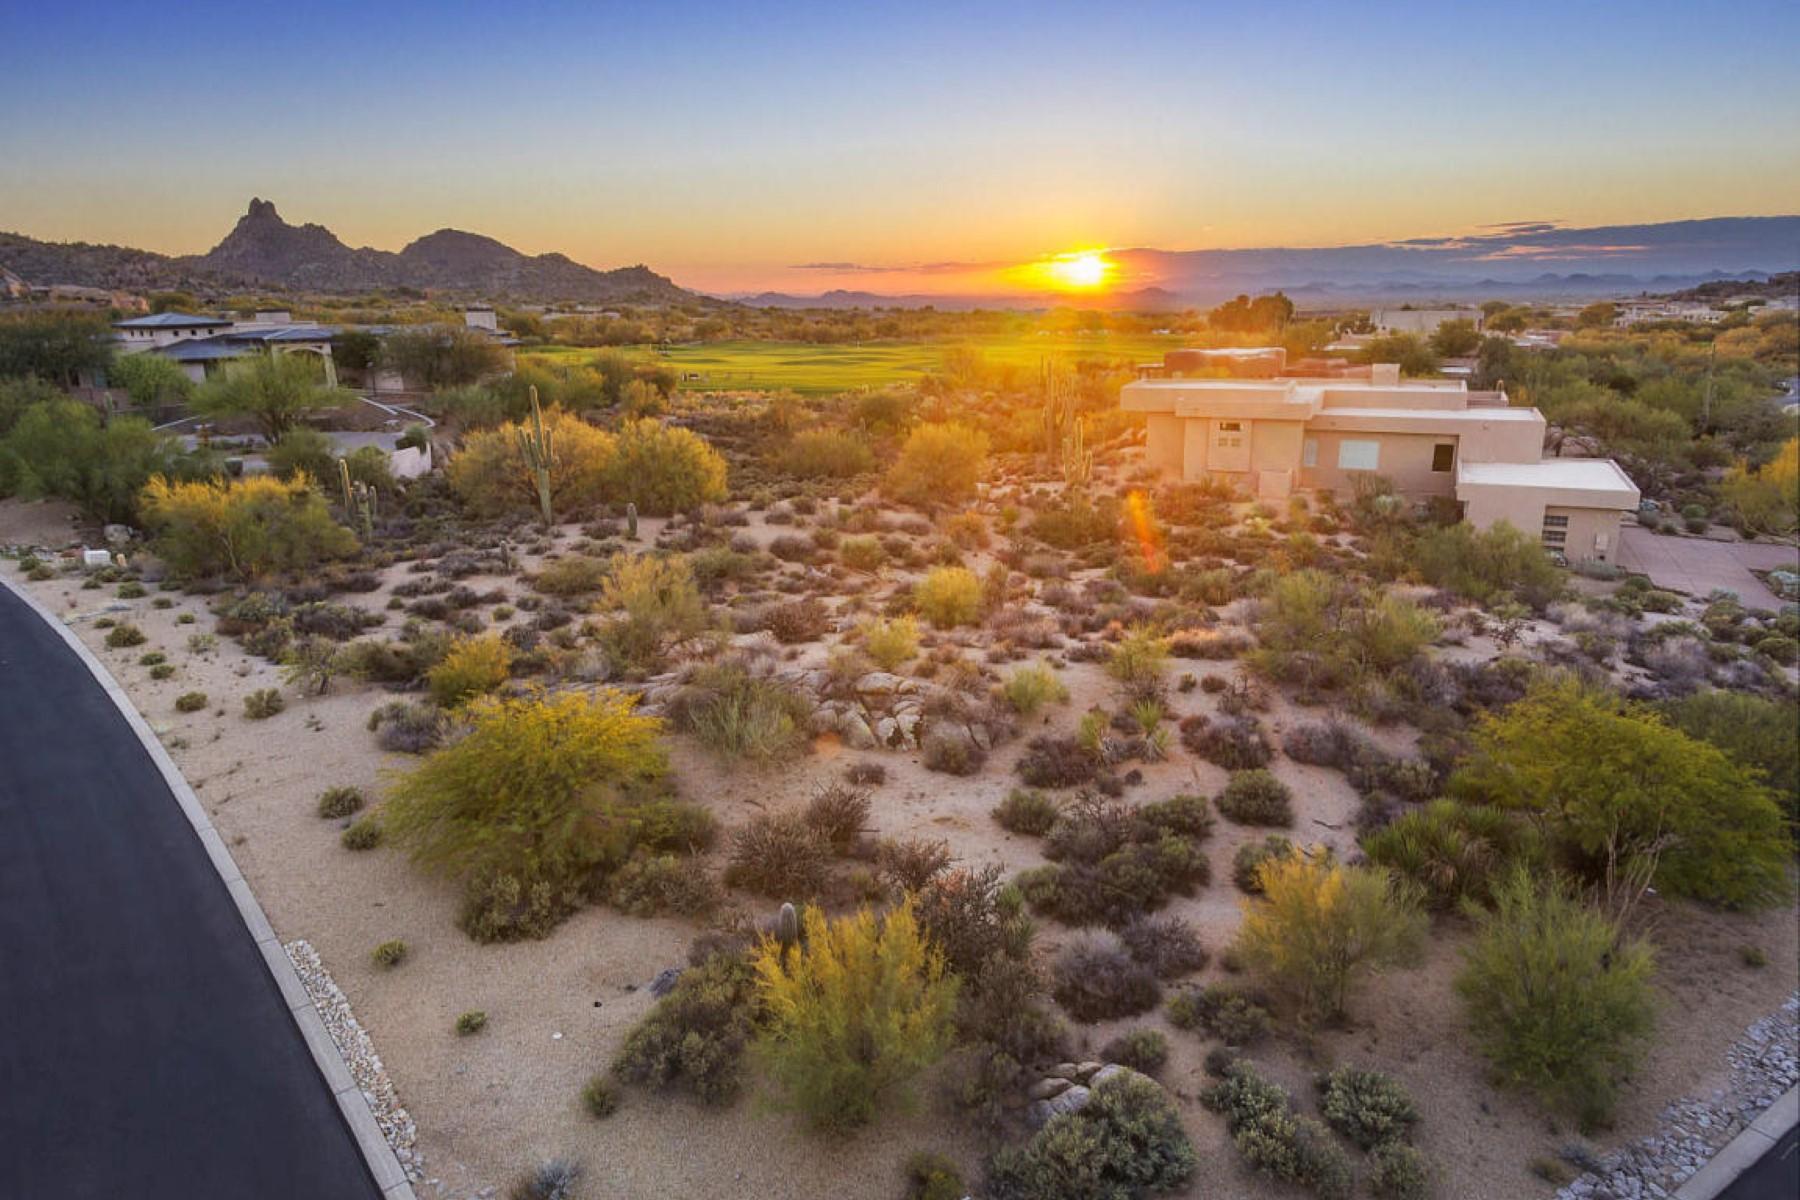 Земля для того Продажа на Dramatic view lot available 28842 N 105th Way #29 Scottsdale, Аризона, 85262 Соединенные Штаты